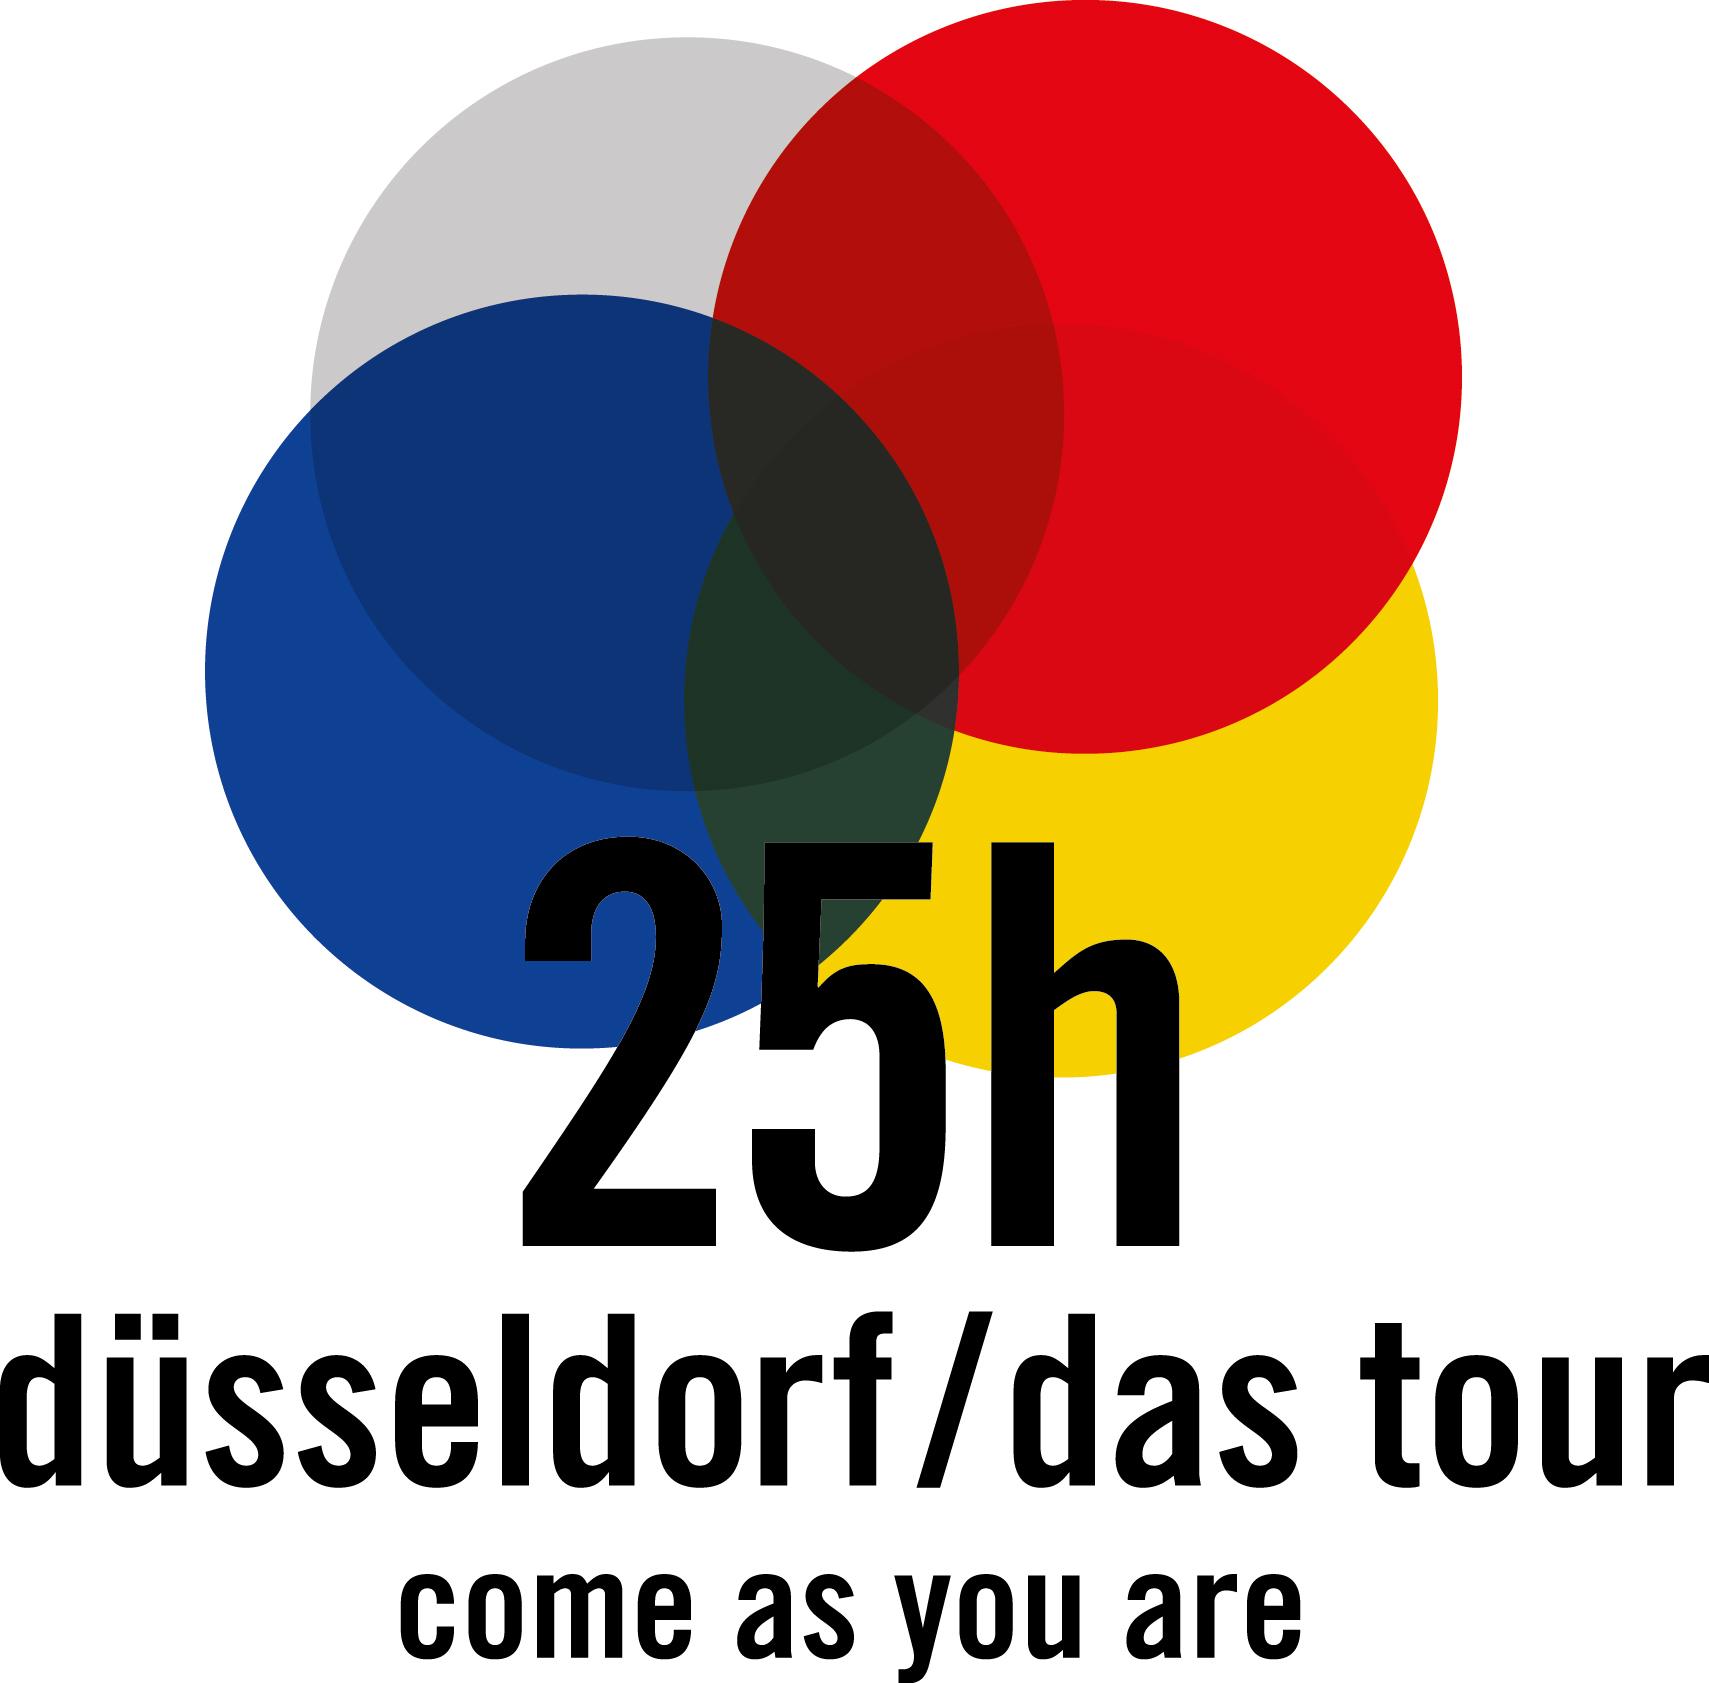 25hours Hotel Düsseldorf Das Tour.jpg